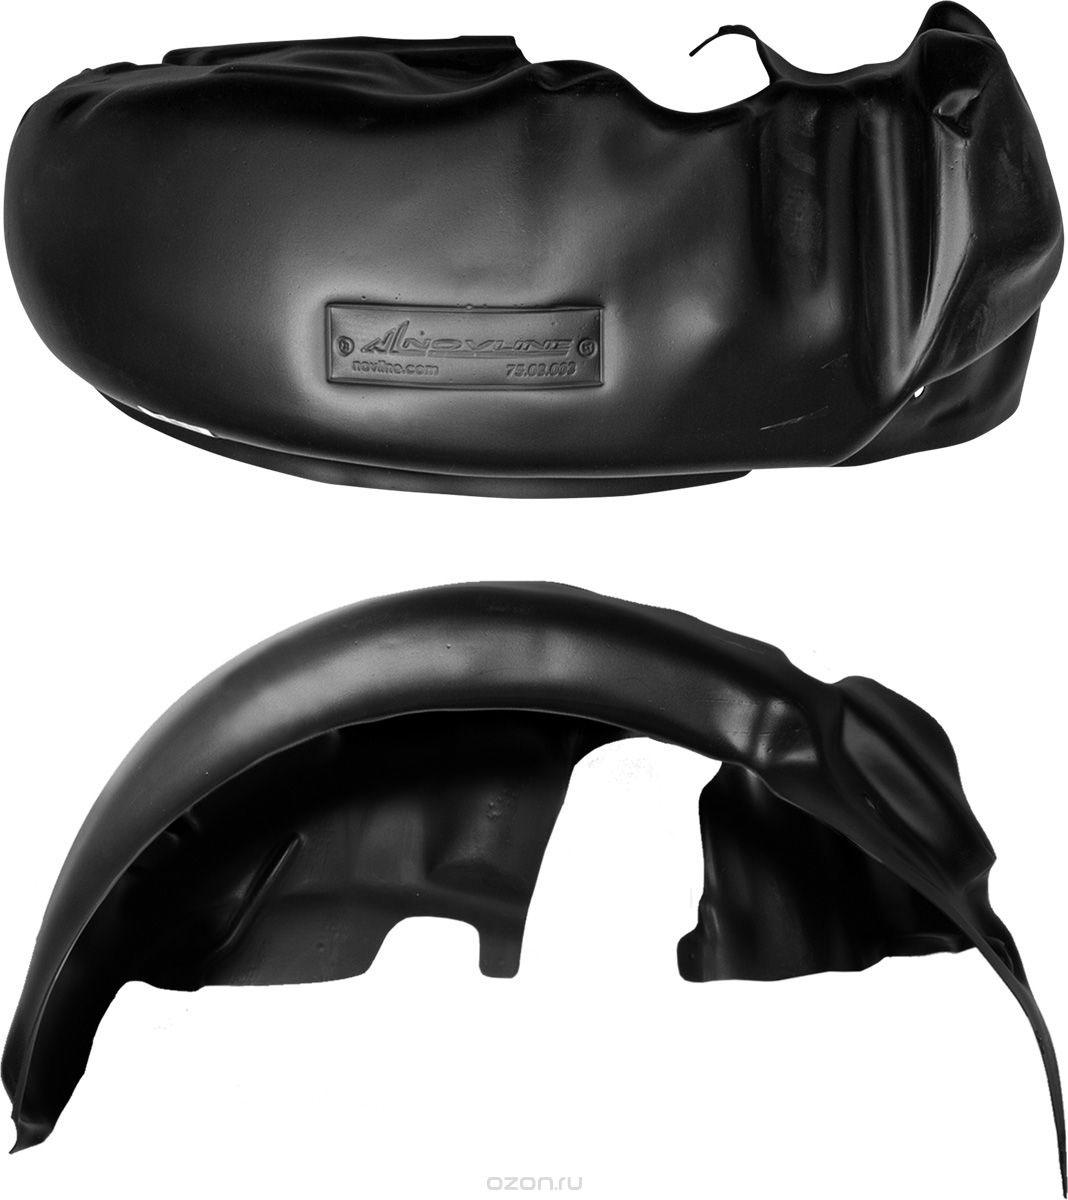 Подкрылок Novline-Autofamily, для MITSUBISHI ASX 2010-01/2013, передний правыйNLL.35.25.002Идеальная защита колесной ниши. Локеры разработаны с применением цифровых технологий, гарантируют максимальную повторяемость поверхности арки. Изделия устанавливаются без нарушения лакокрасочного покрытия автомобиля, каждый подкрылок комплектуется крепежом. Уважаемые клиенты, обращаем ваше внимание, что фотографии на подкрылки универсальные и не отражают реальную форму изделия. При этом само изделие идет точно под размер указанного автомобиля.